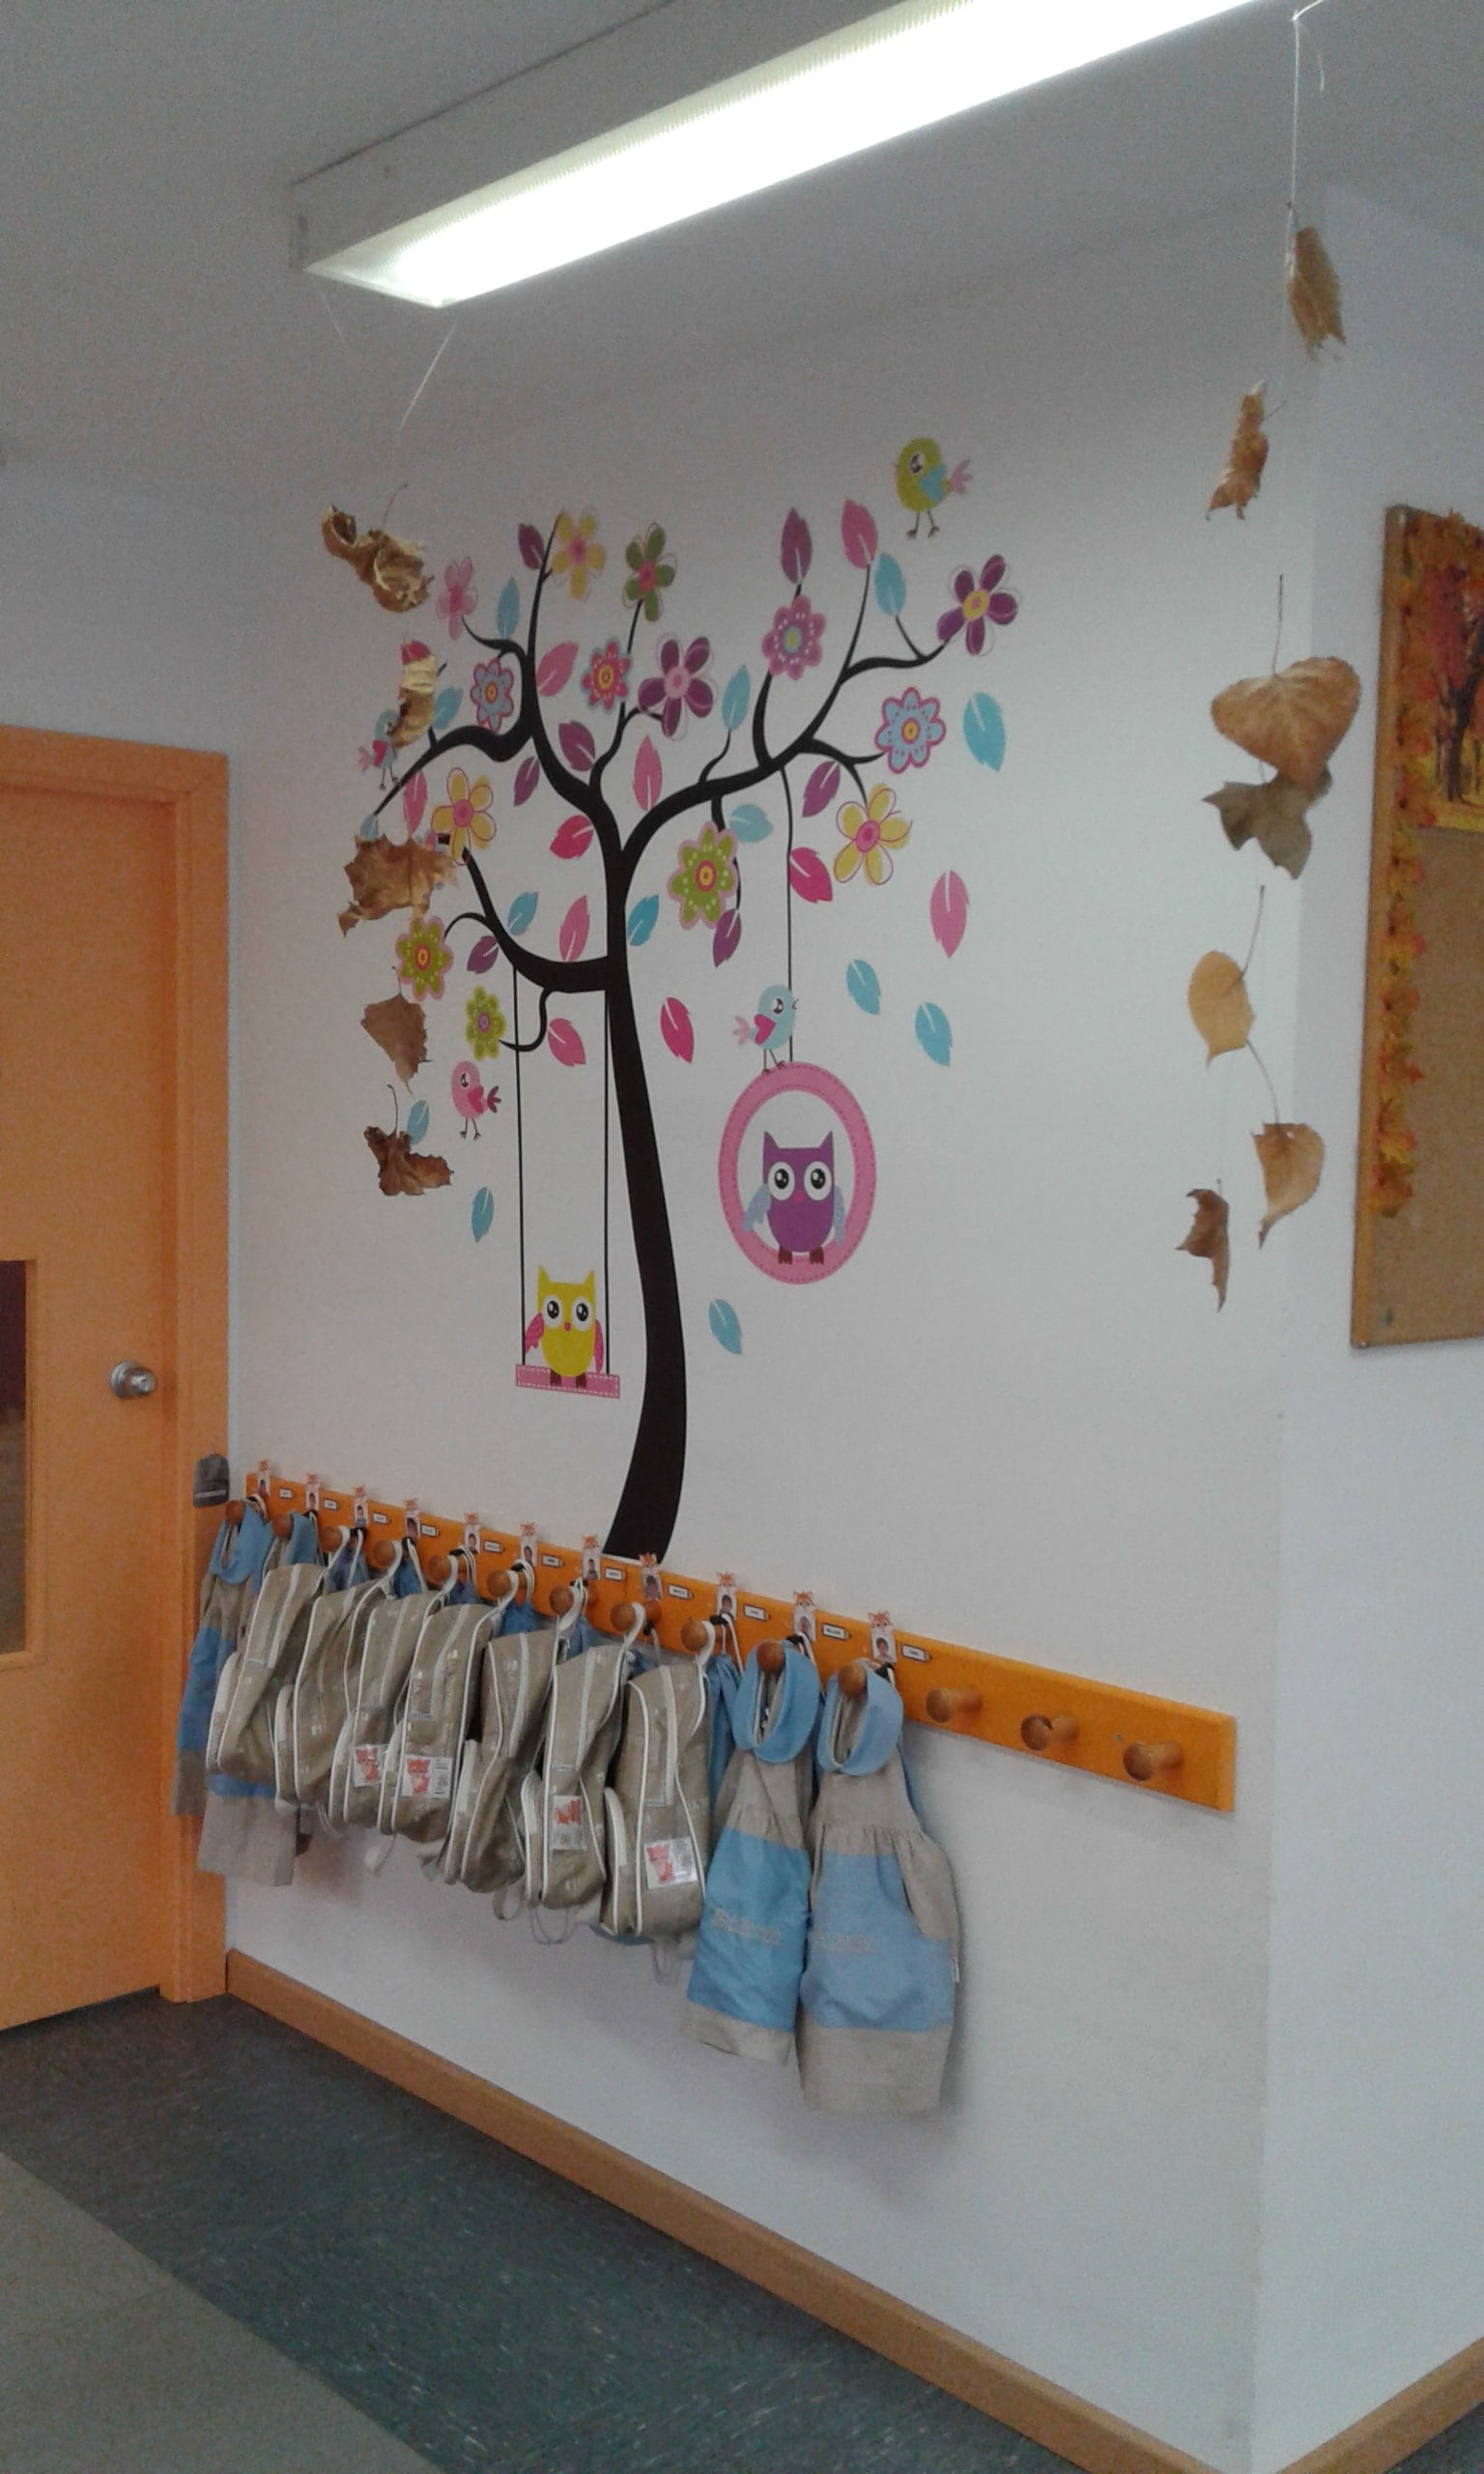 escuela infantil bilingüe en Valencia - mochilas grises